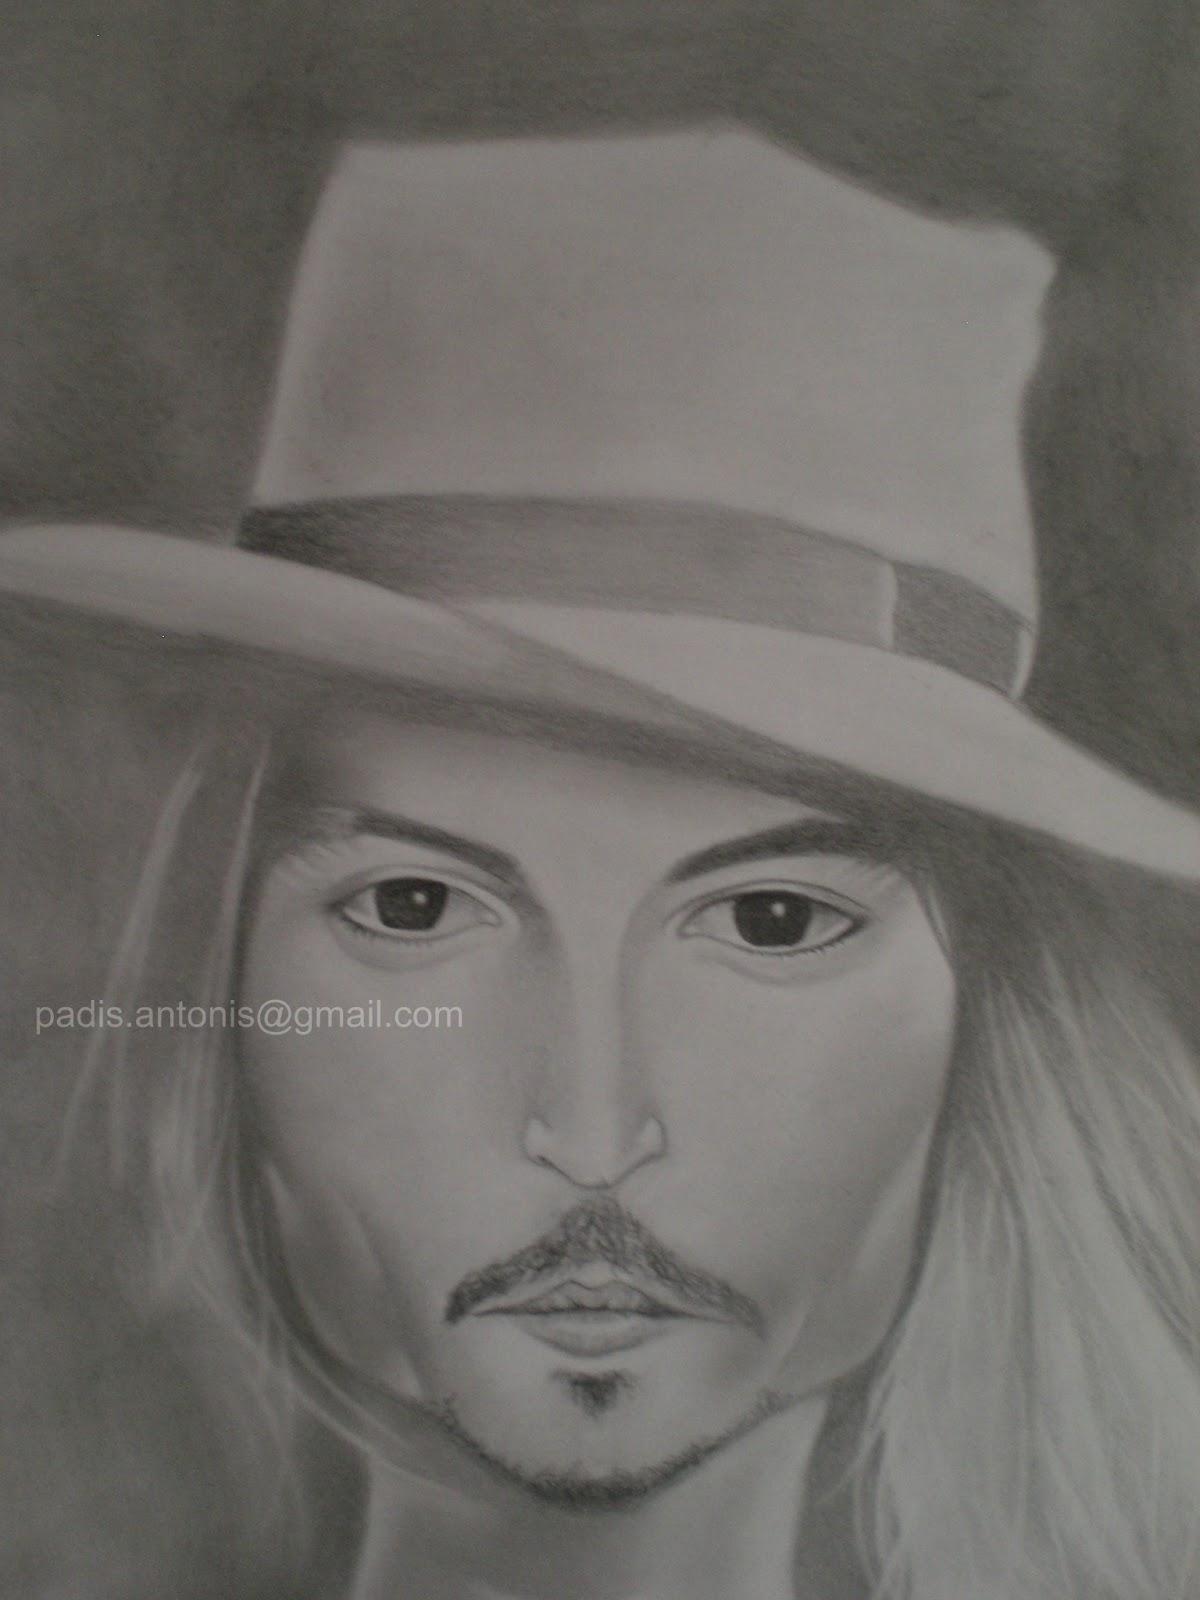 http://2.bp.blogspot.com/-TDrhrCsH9hI/UPqhqnSNZKI/AAAAAAAAAXc/MiCCLXnKib8/s1600/Johnny+Depp.bmp